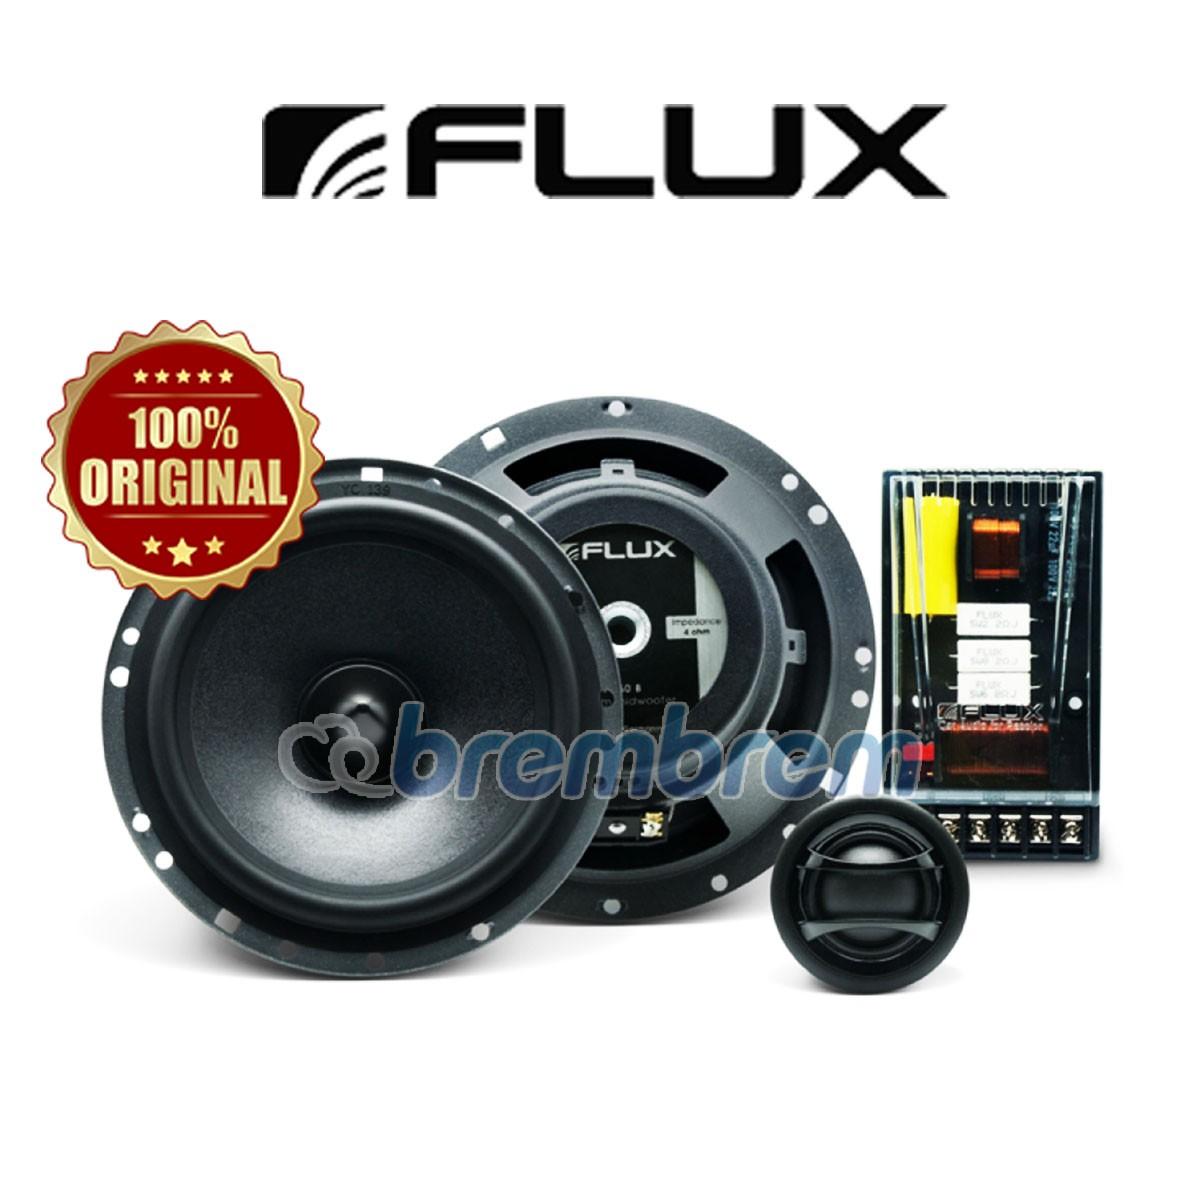 FLUX BC 261 - SPEAKER 2 WAY